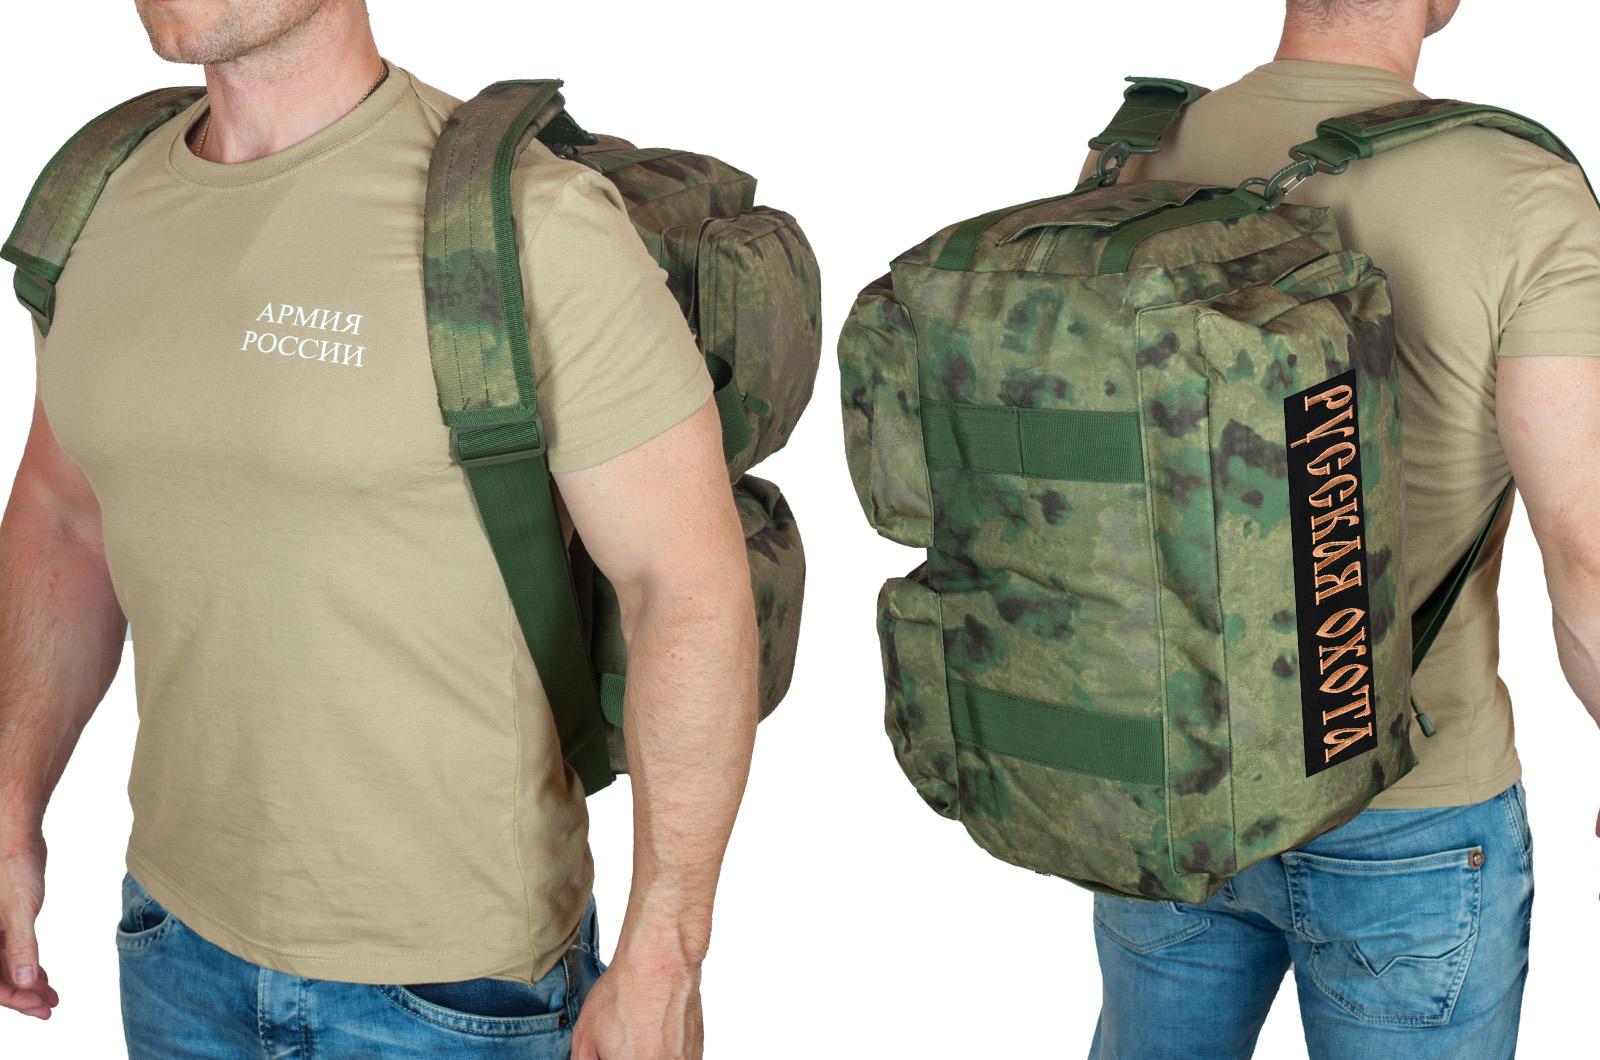 Камуфляжная заплечная сумка с нашивкой Русская Охота - купить в подарок